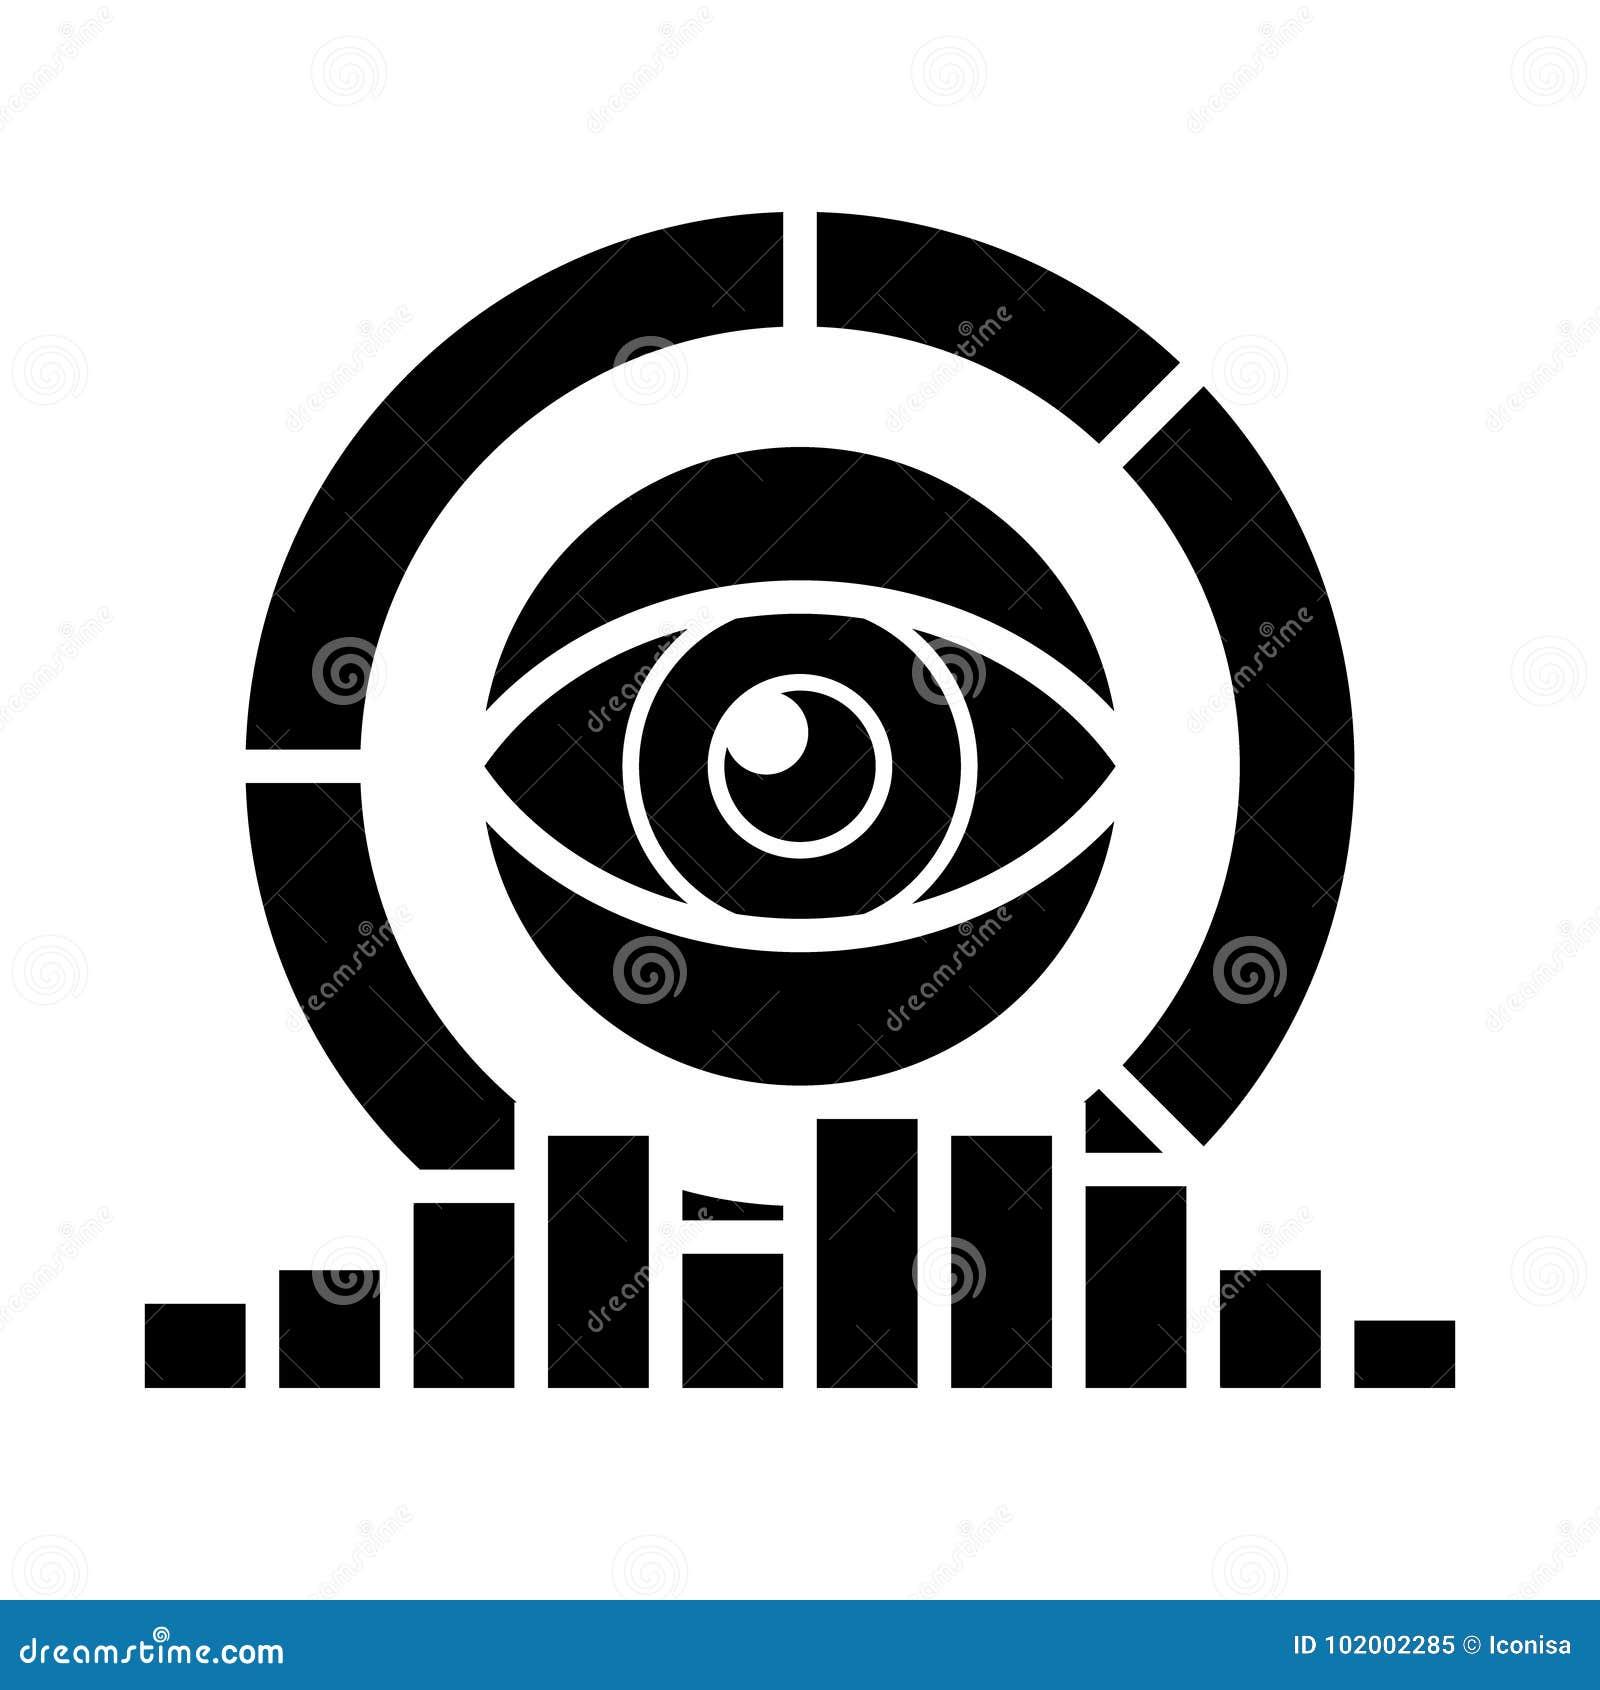 Analytics - Estudio De Mercados, Diagramas, Icono Del Ojo, Ejemplo ...